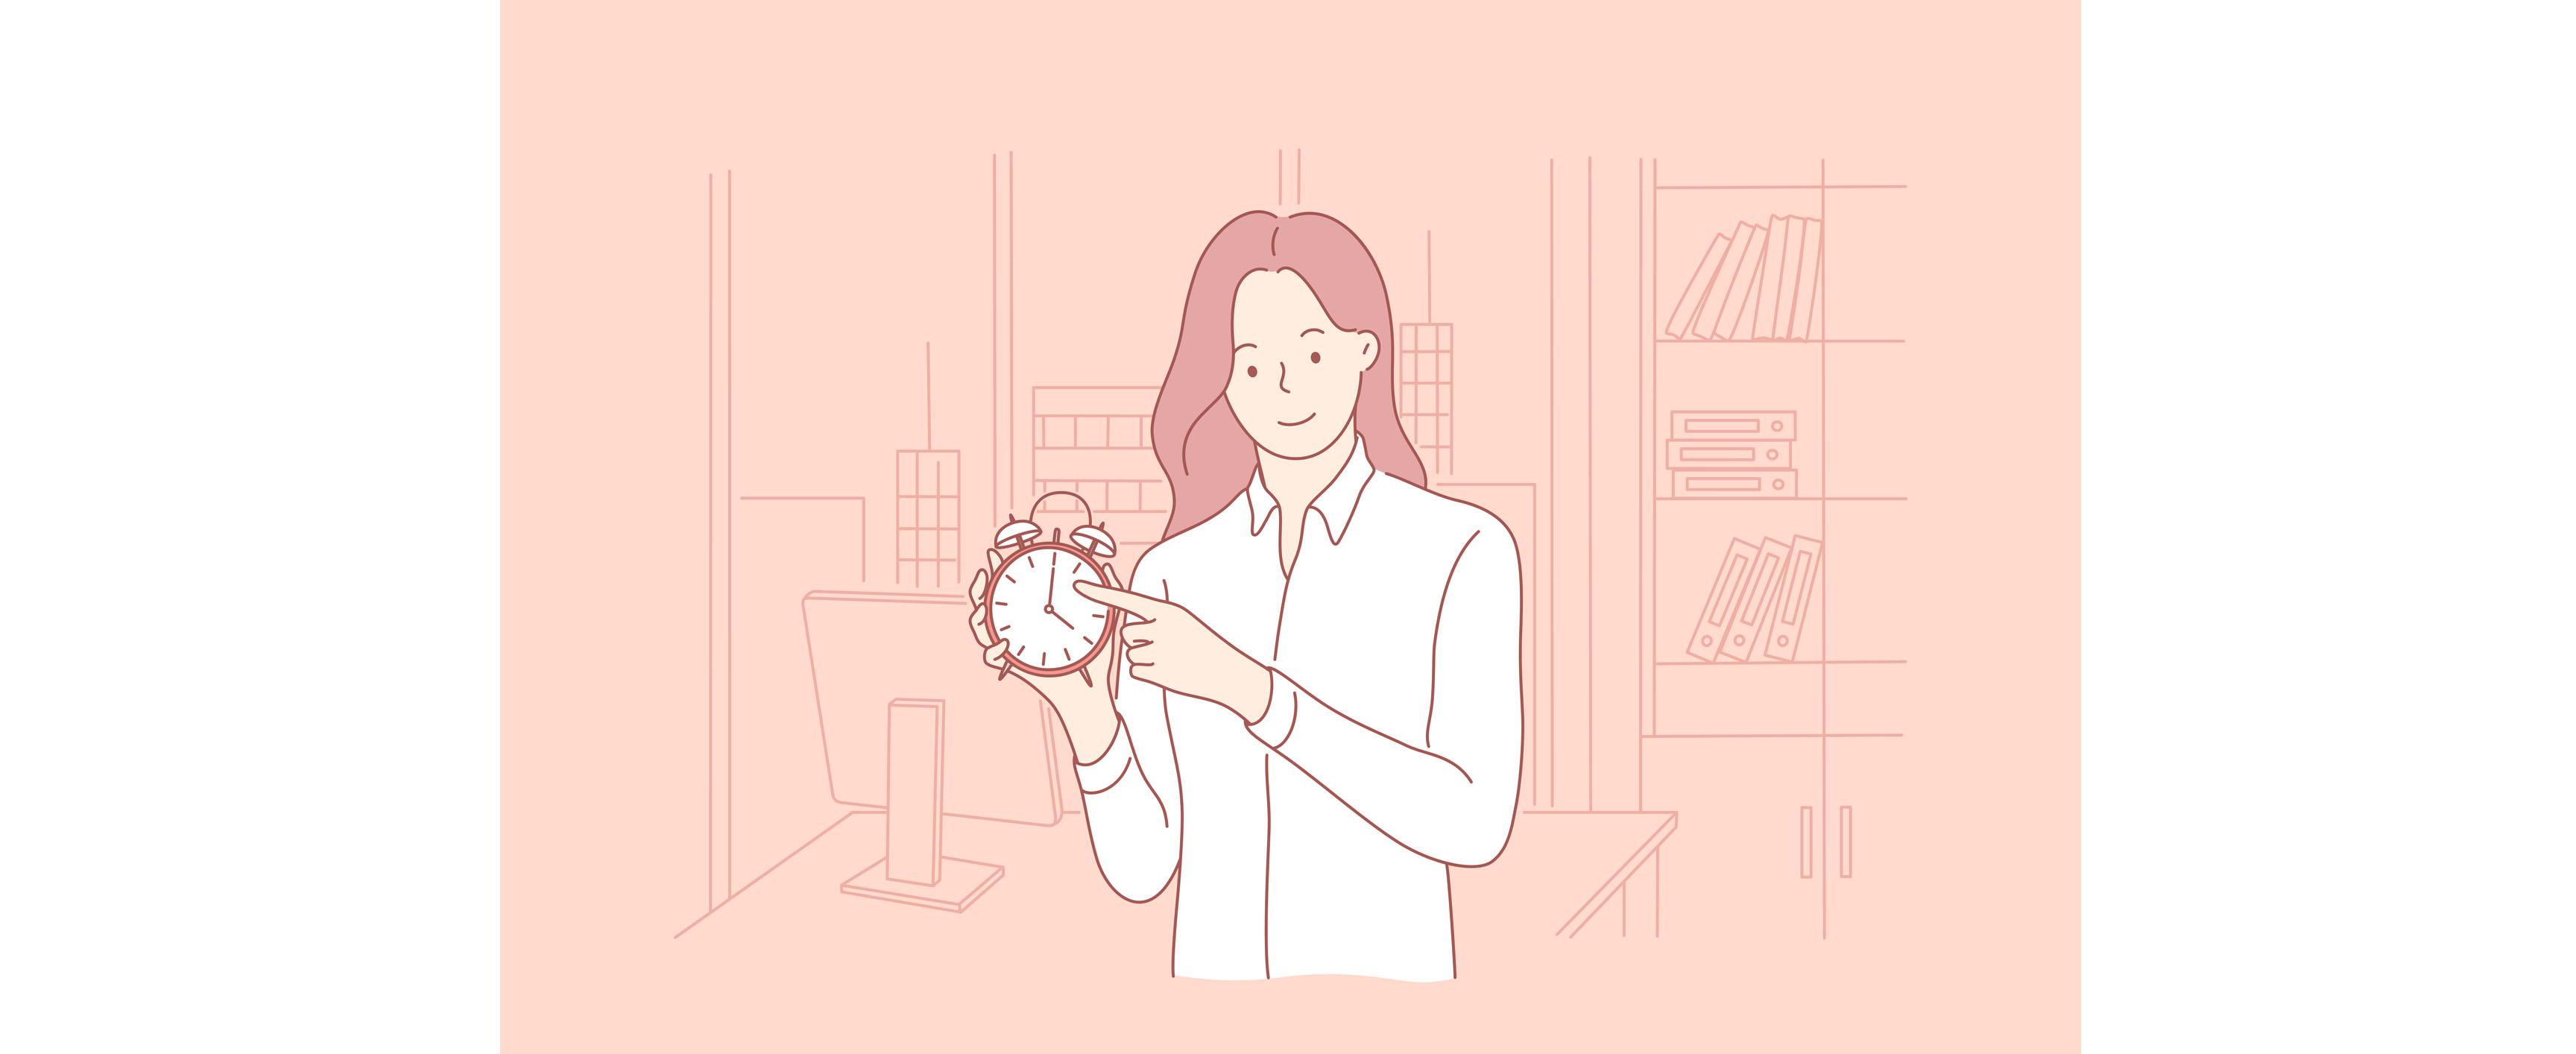 Села батарейка: как бороться с хронической усталостью